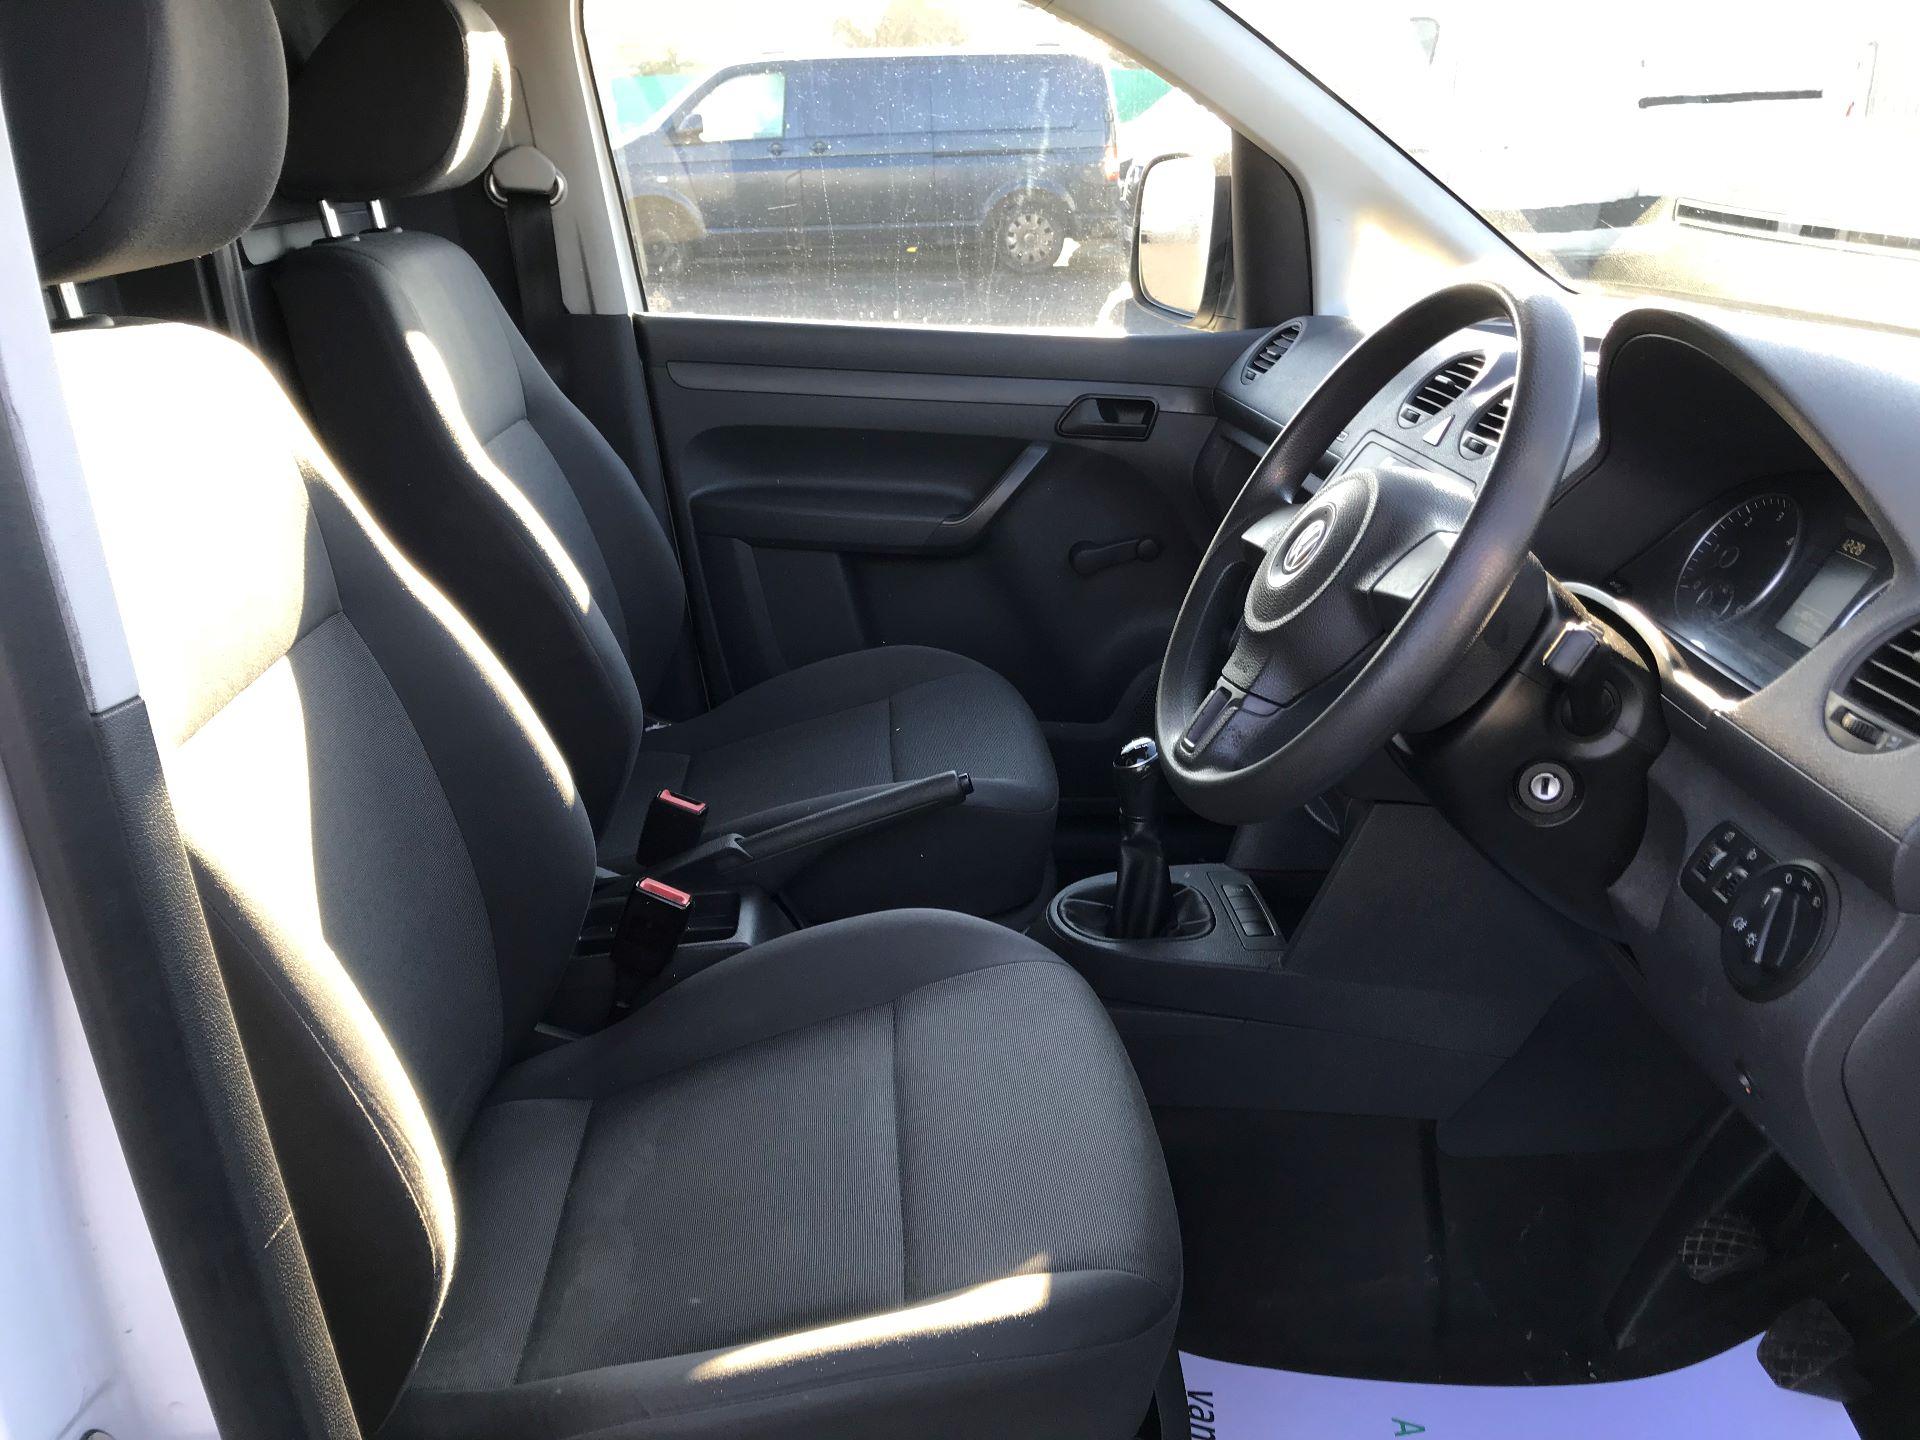 2014 Volkswagen Caddy  1.6 102PS Startline Euro 5 (NL64VFC) Image 21